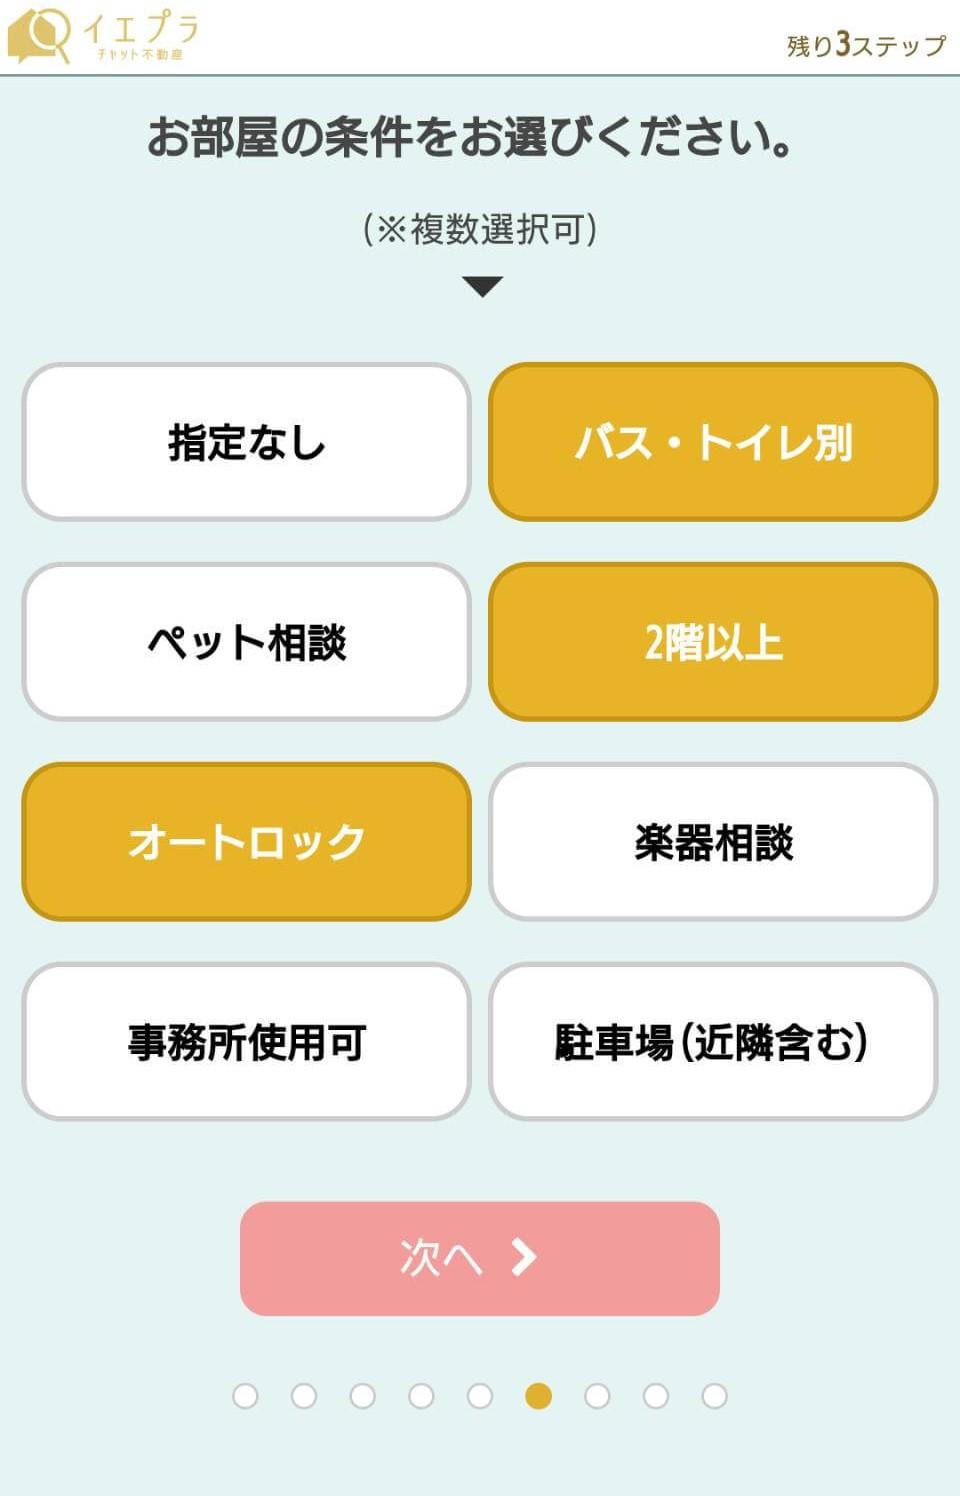 条件選択画面